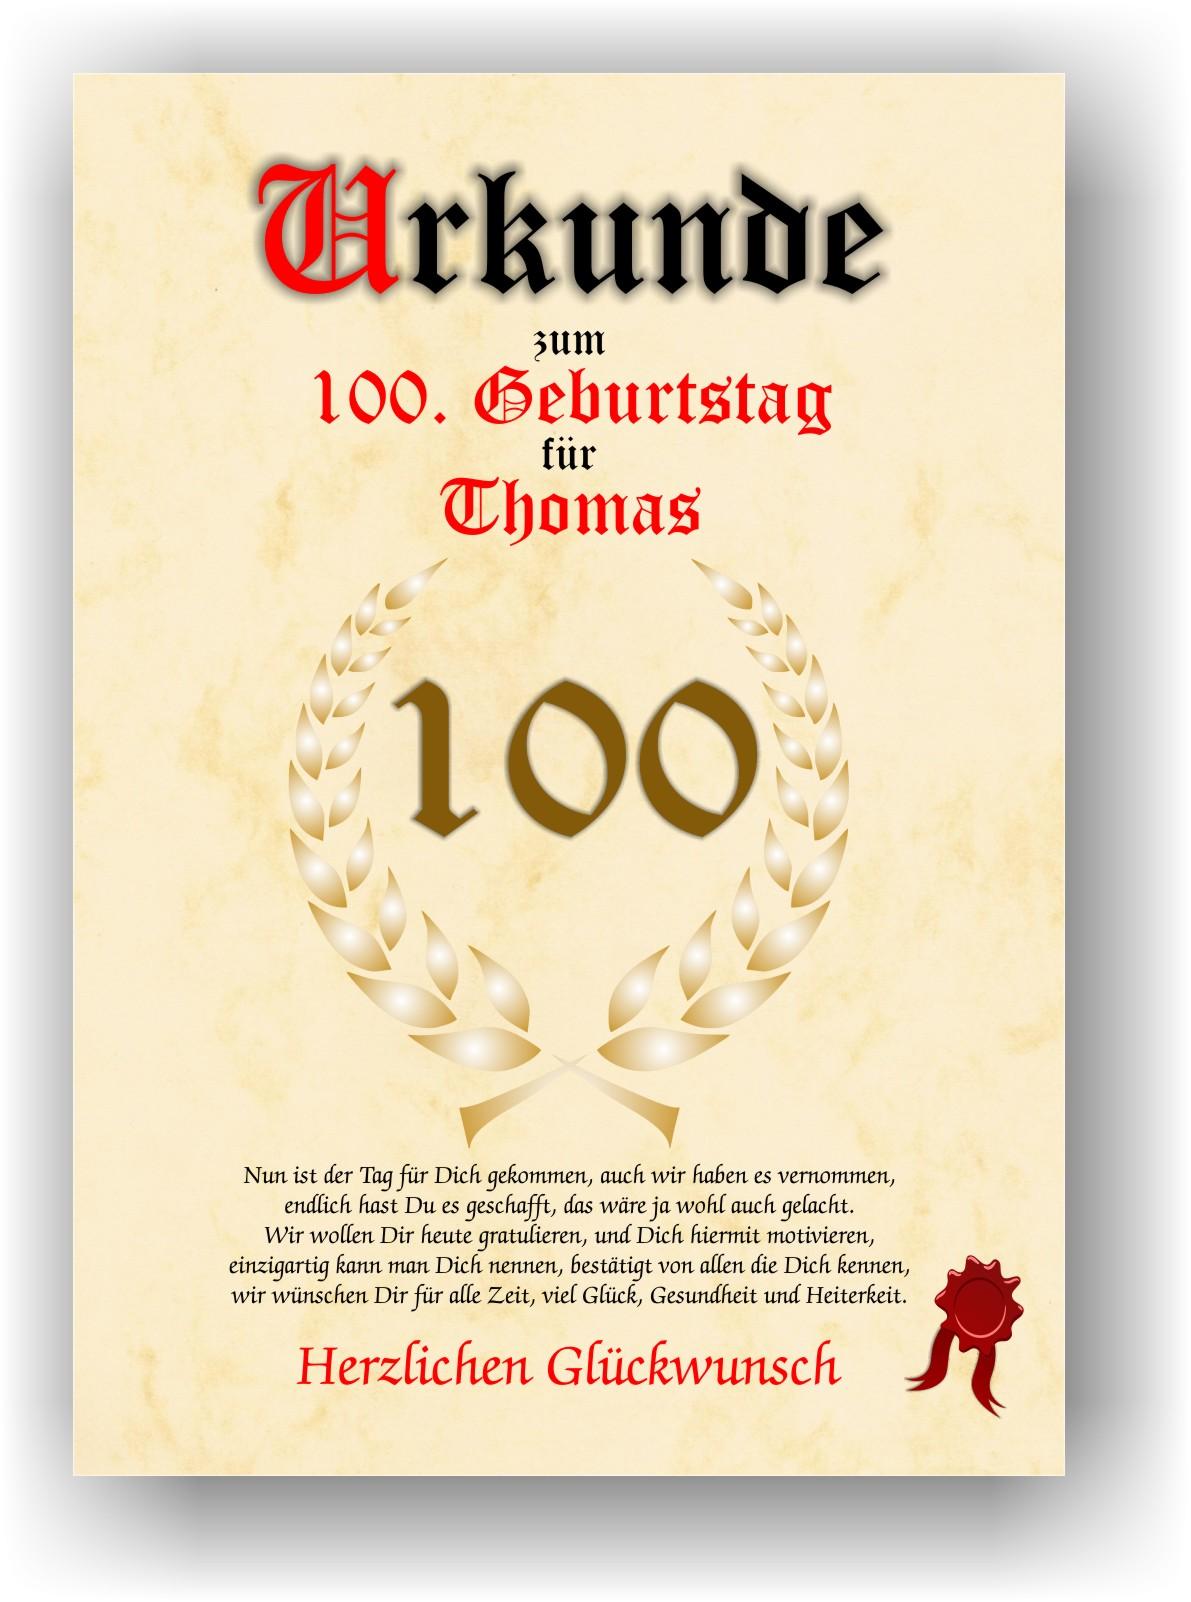 sprüche zum 100 geburtstag Urkunde zum 100. GEBURTSTAG Geschenkidee Geburtstagsurkunde mit  sprüche zum 100 geburtstag